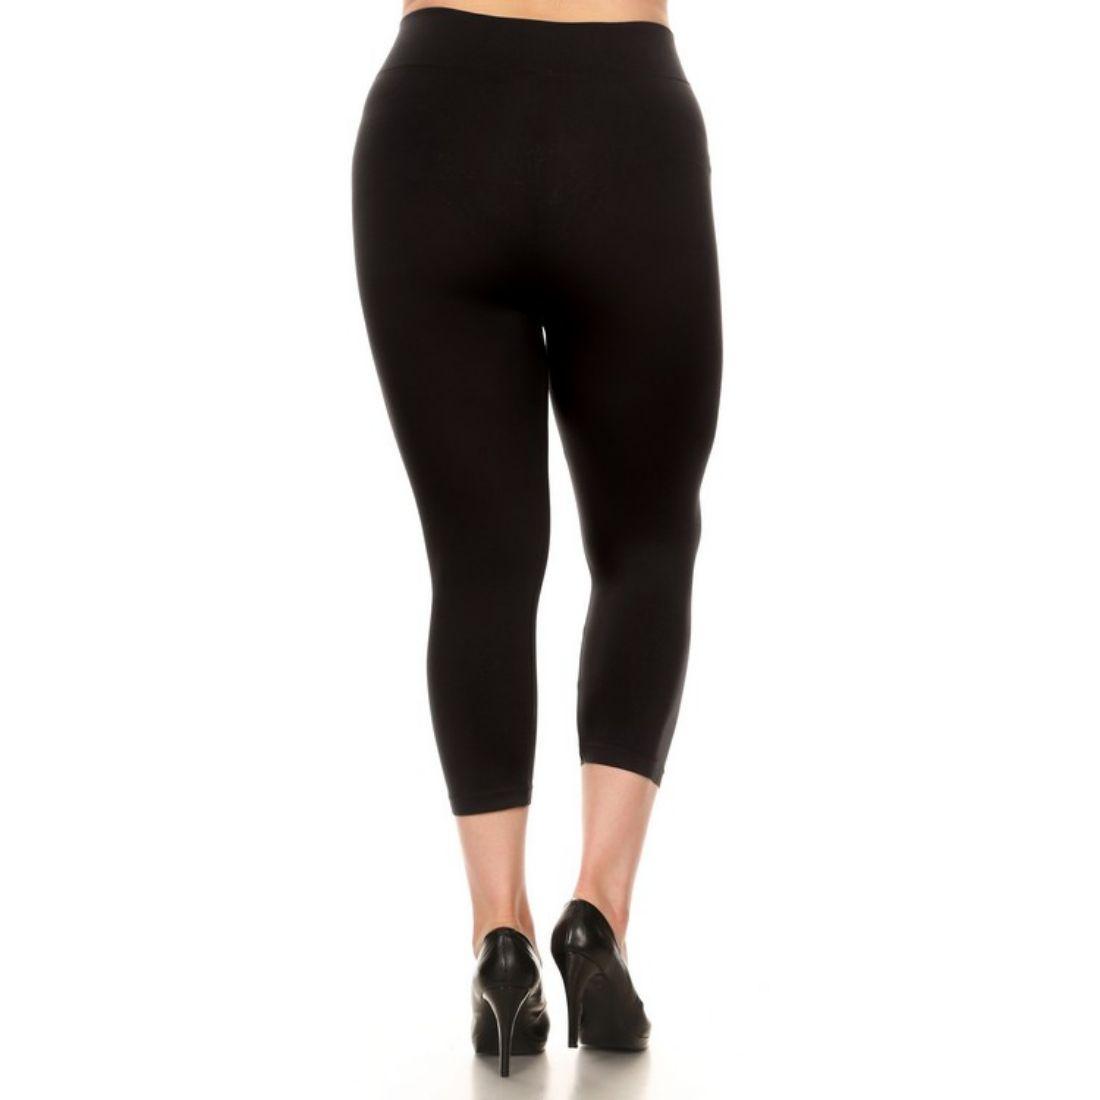 miniature 4 - Femmes Grande Taille Capri Leggings Court Stretch Pantalon Basique Solide Pour